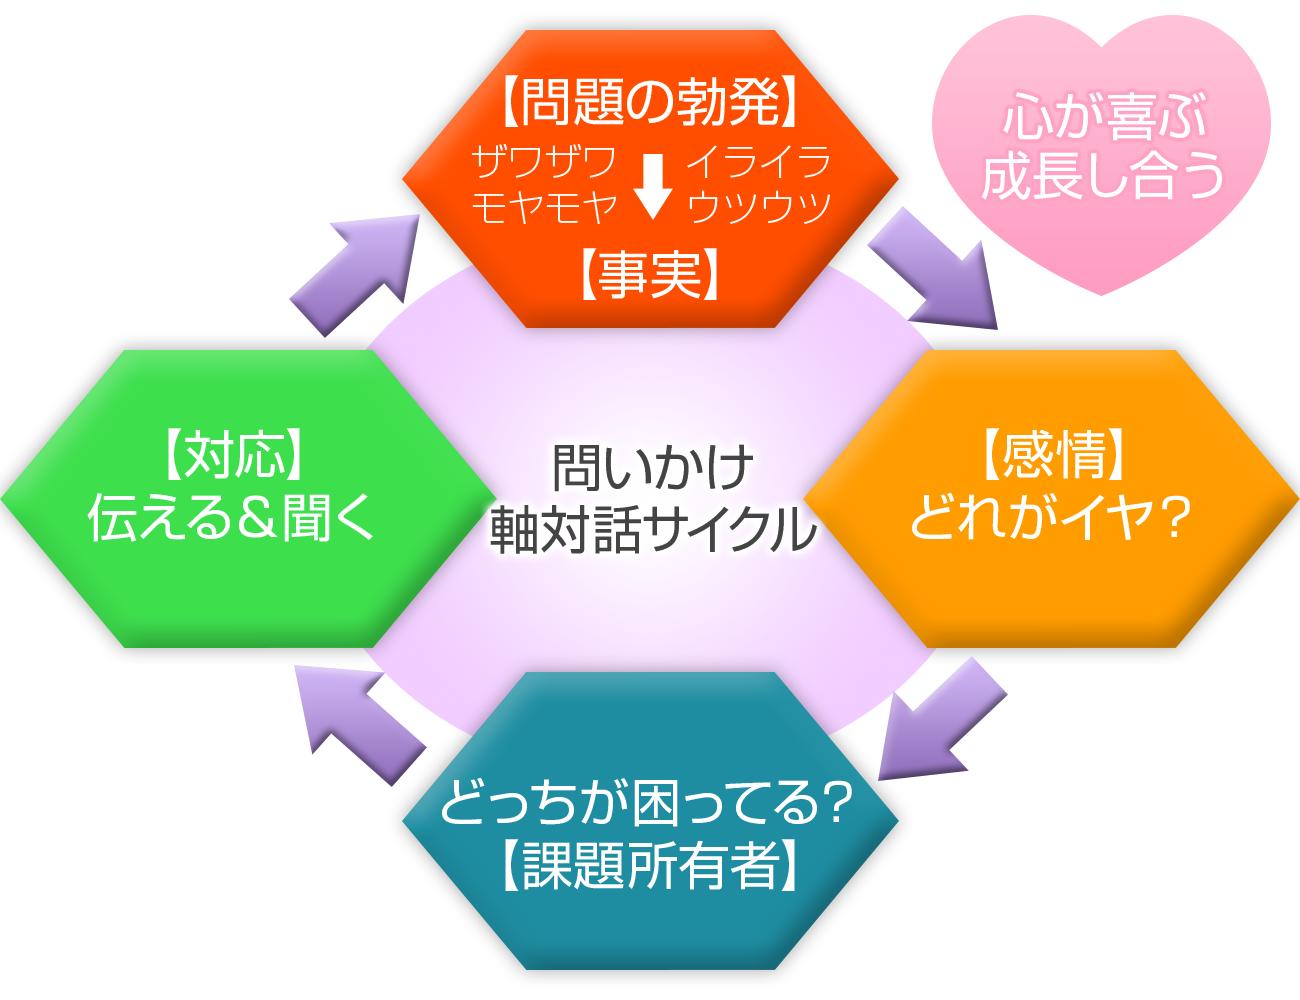 問いかけ軸対話サイクル